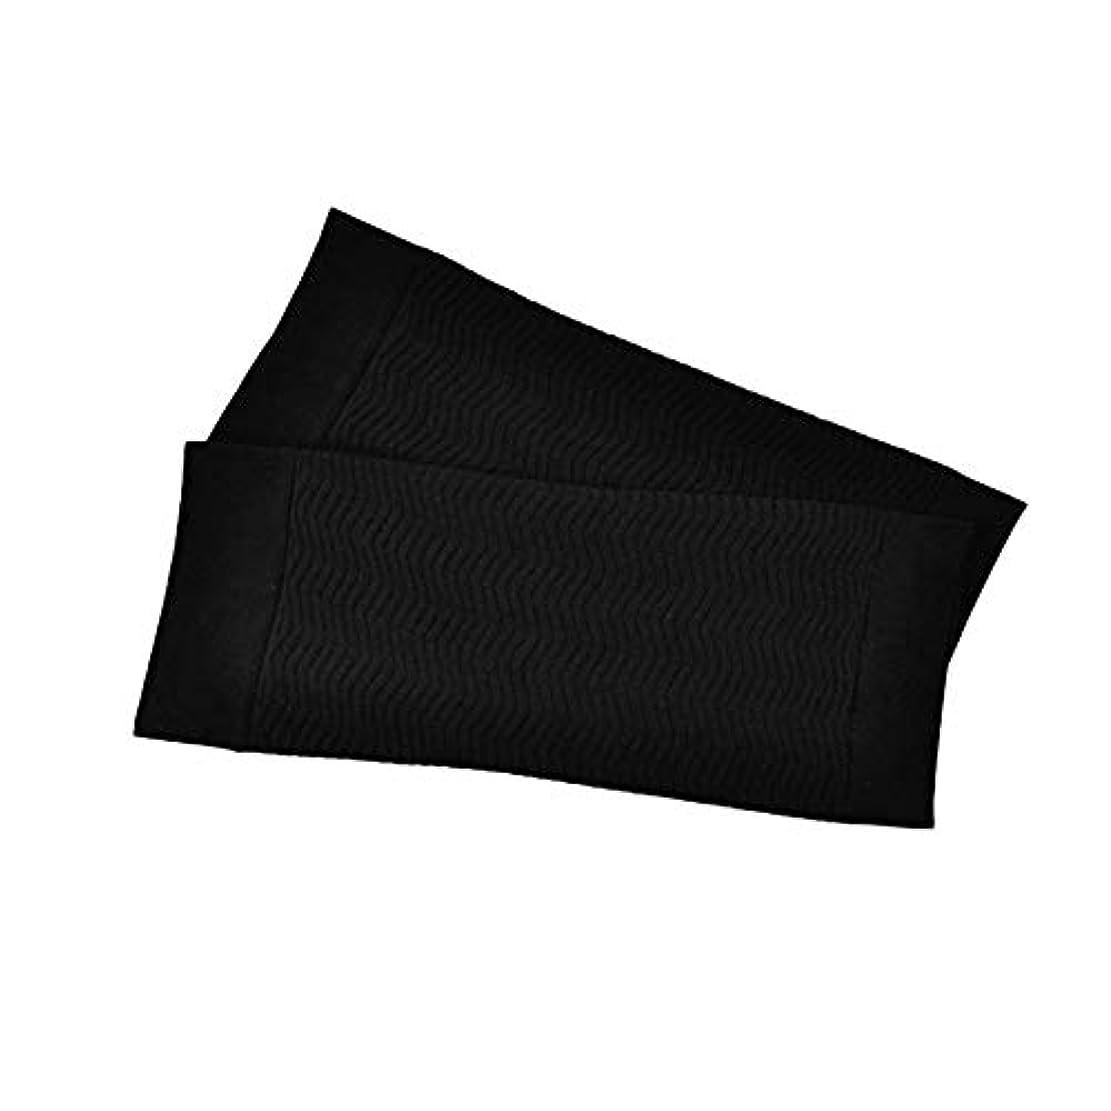 カード歌失望させる1ペア680 d圧縮アームシェイパーワークアウトトーニングバーンセルライト痩身アームスリーブ脂肪燃焼半袖用女性(Color:black)